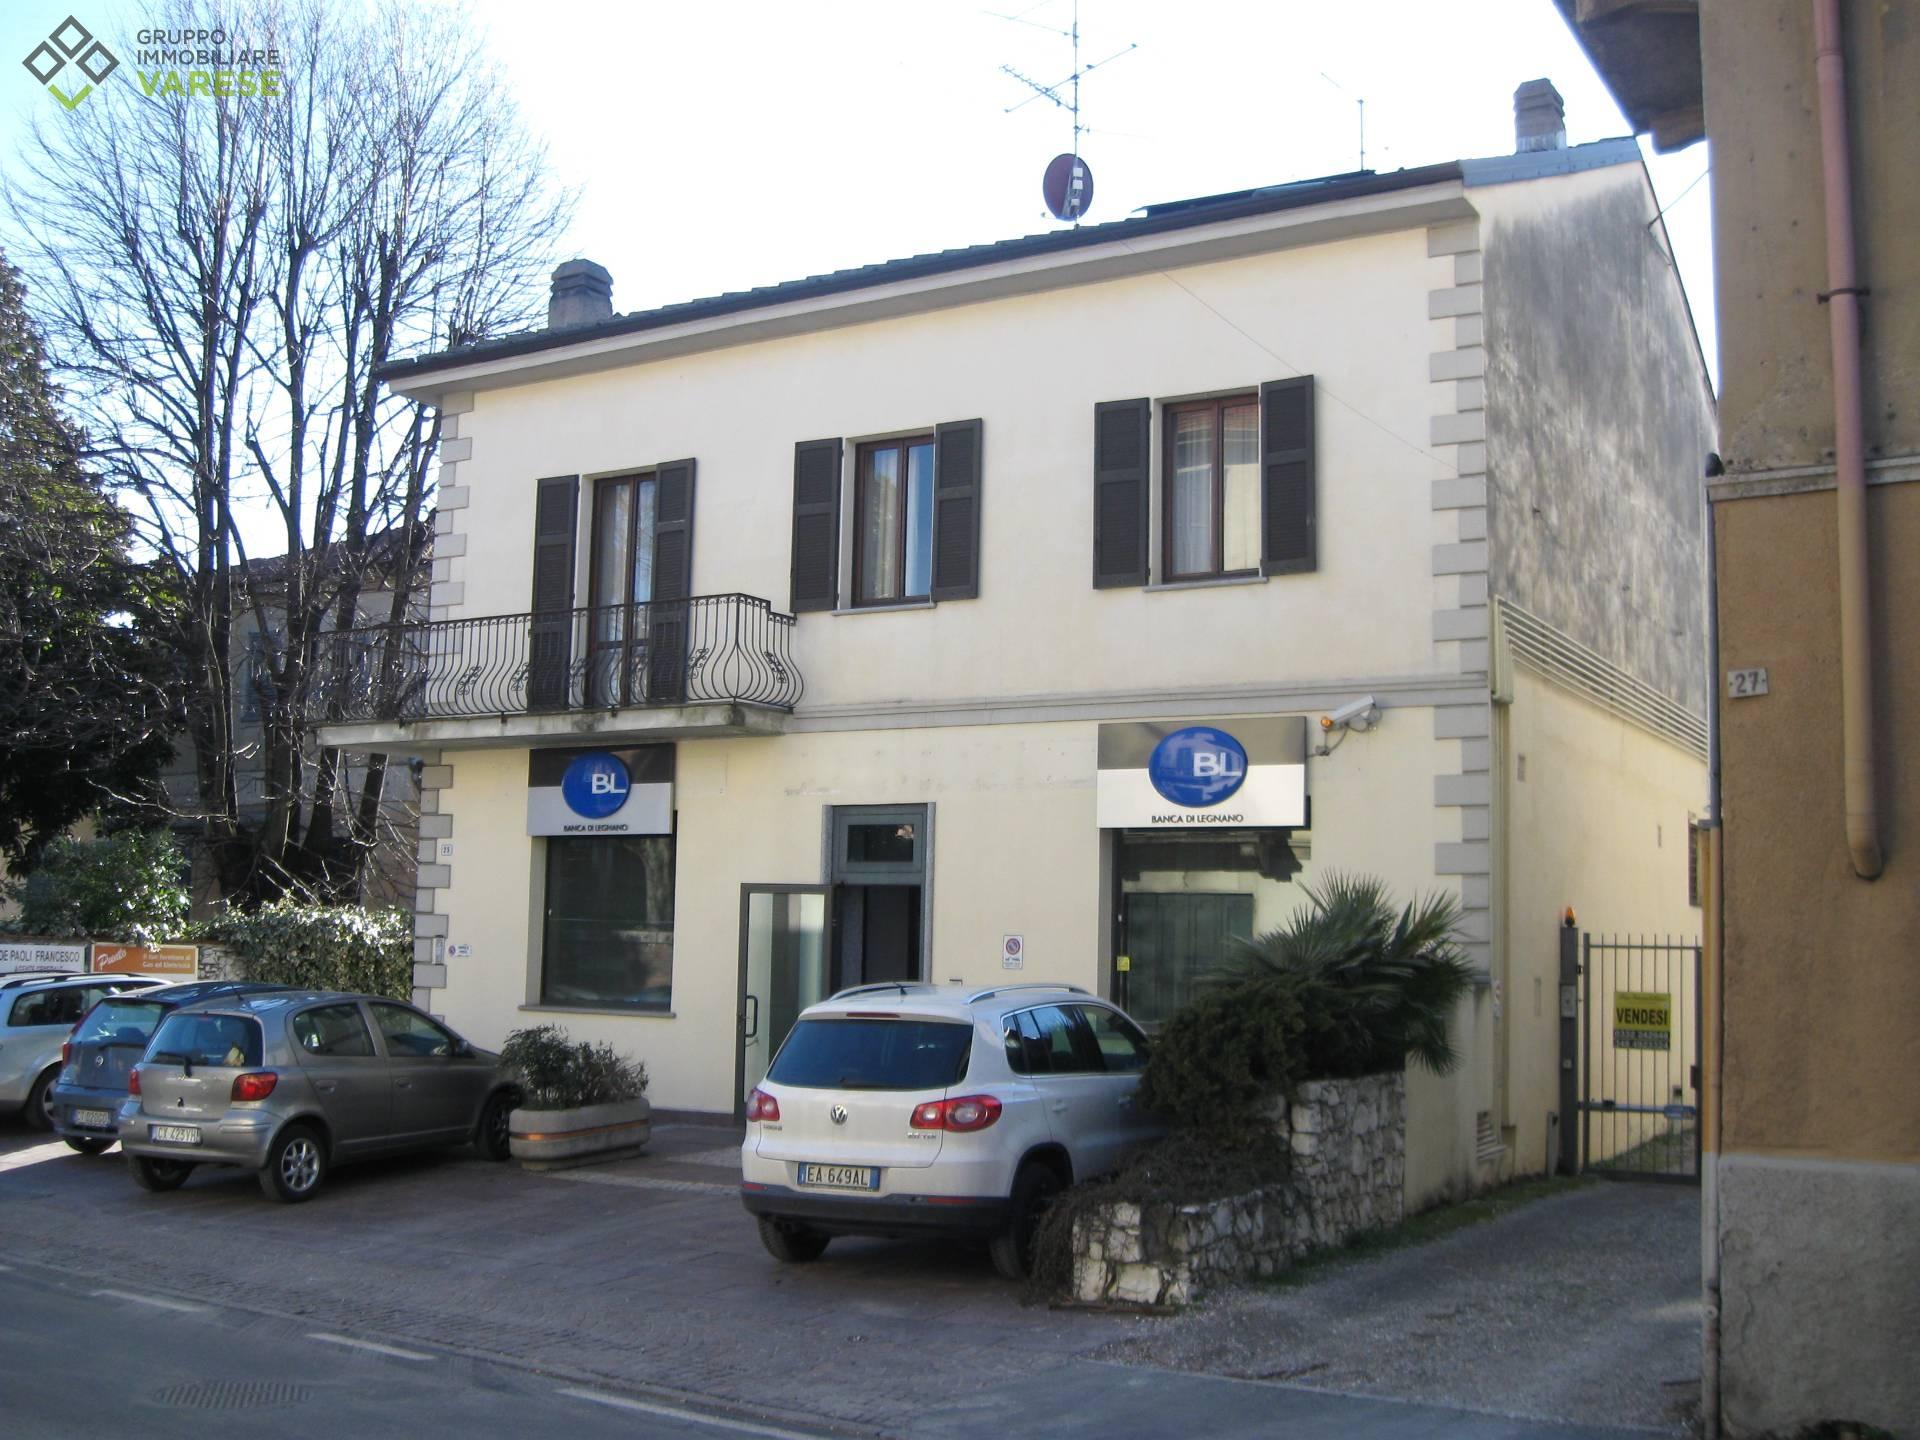 Attico / Mansarda in affitto a Gavirate, 4 locali, prezzo € 600 | CambioCasa.it